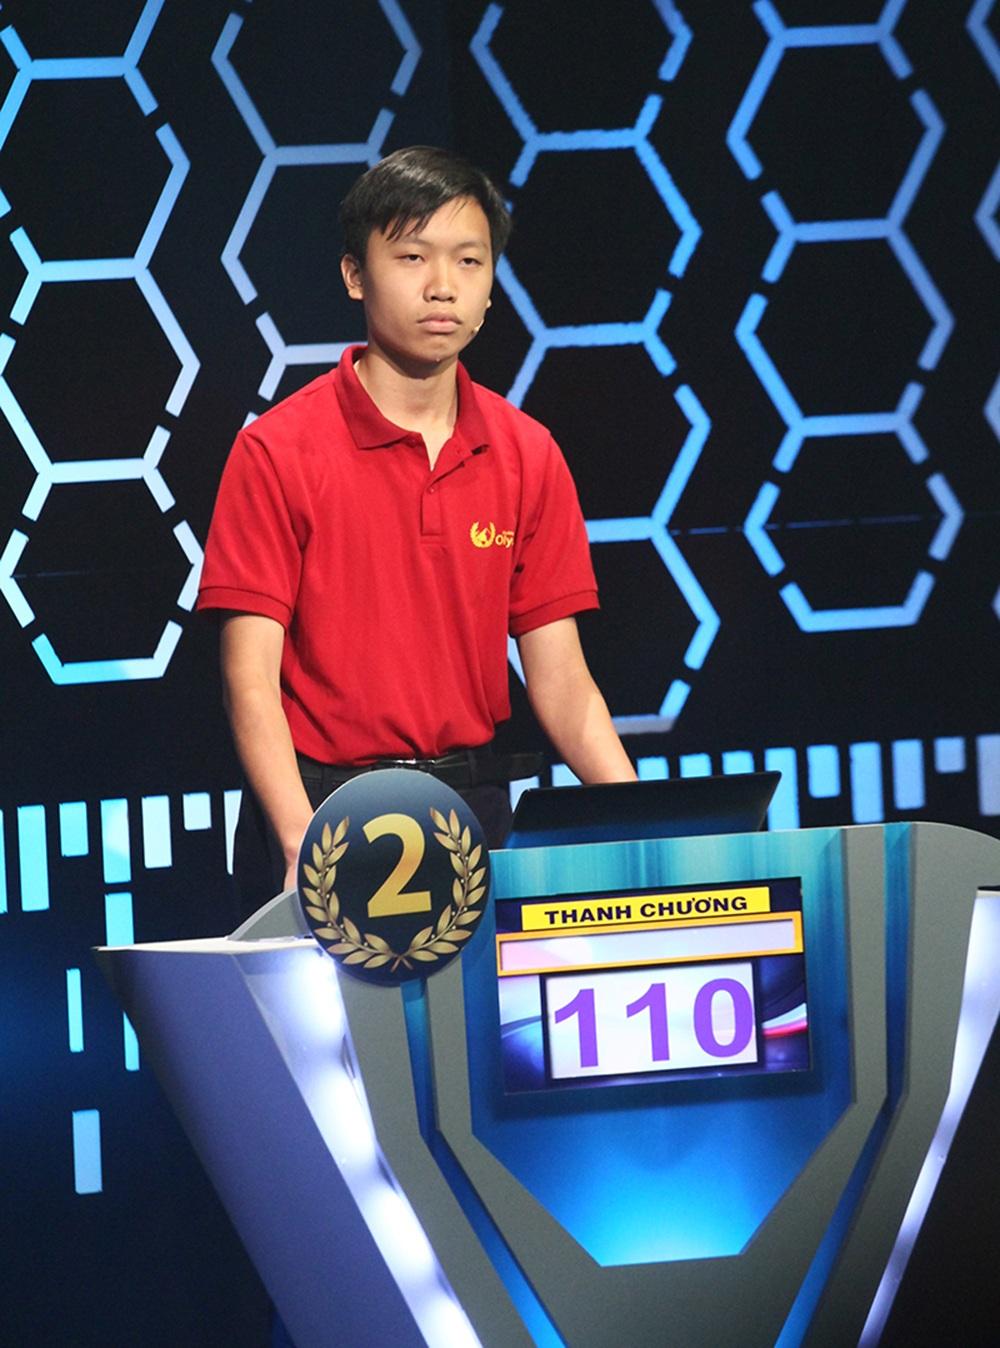 Ở phần thi Khởi động, Hồ Đắc Thanh Chương xuất sắc trả lời đúng 11/12 câu hỏi và dẫn đầu với 110 điểm. Theo sát là Lâm Vũ Tuấn đứng thứ hai với 90 điểm, Lê Duy Bách và Phan Tiến Tùng cùng đứng thứ ba với 80 điểm.